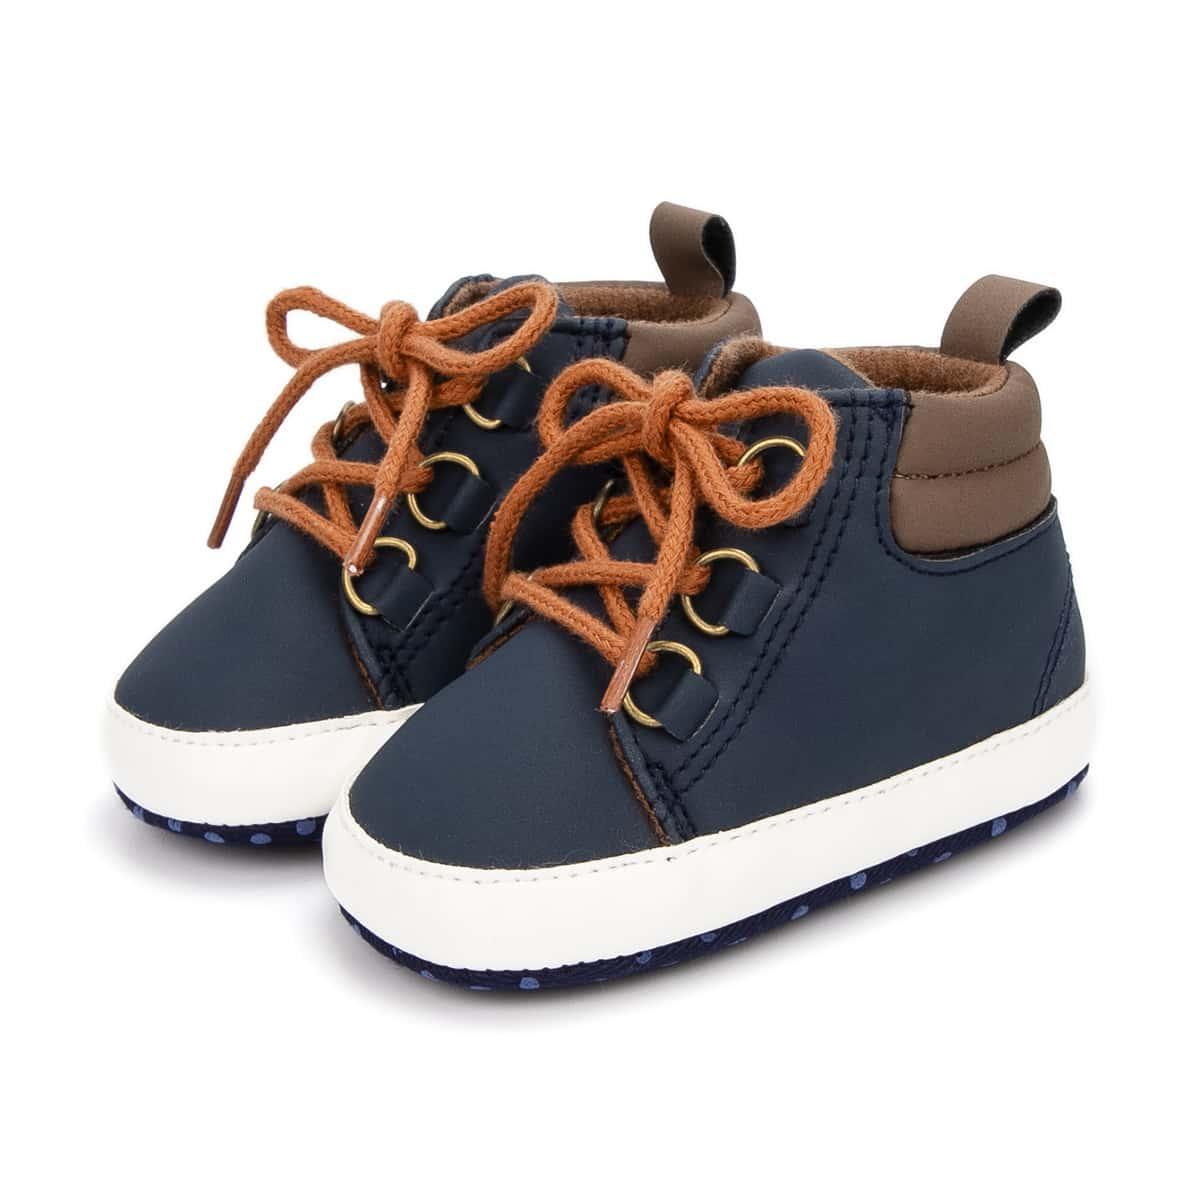 на шнурках Одноцветный Кроссовки для малышей по цене 430